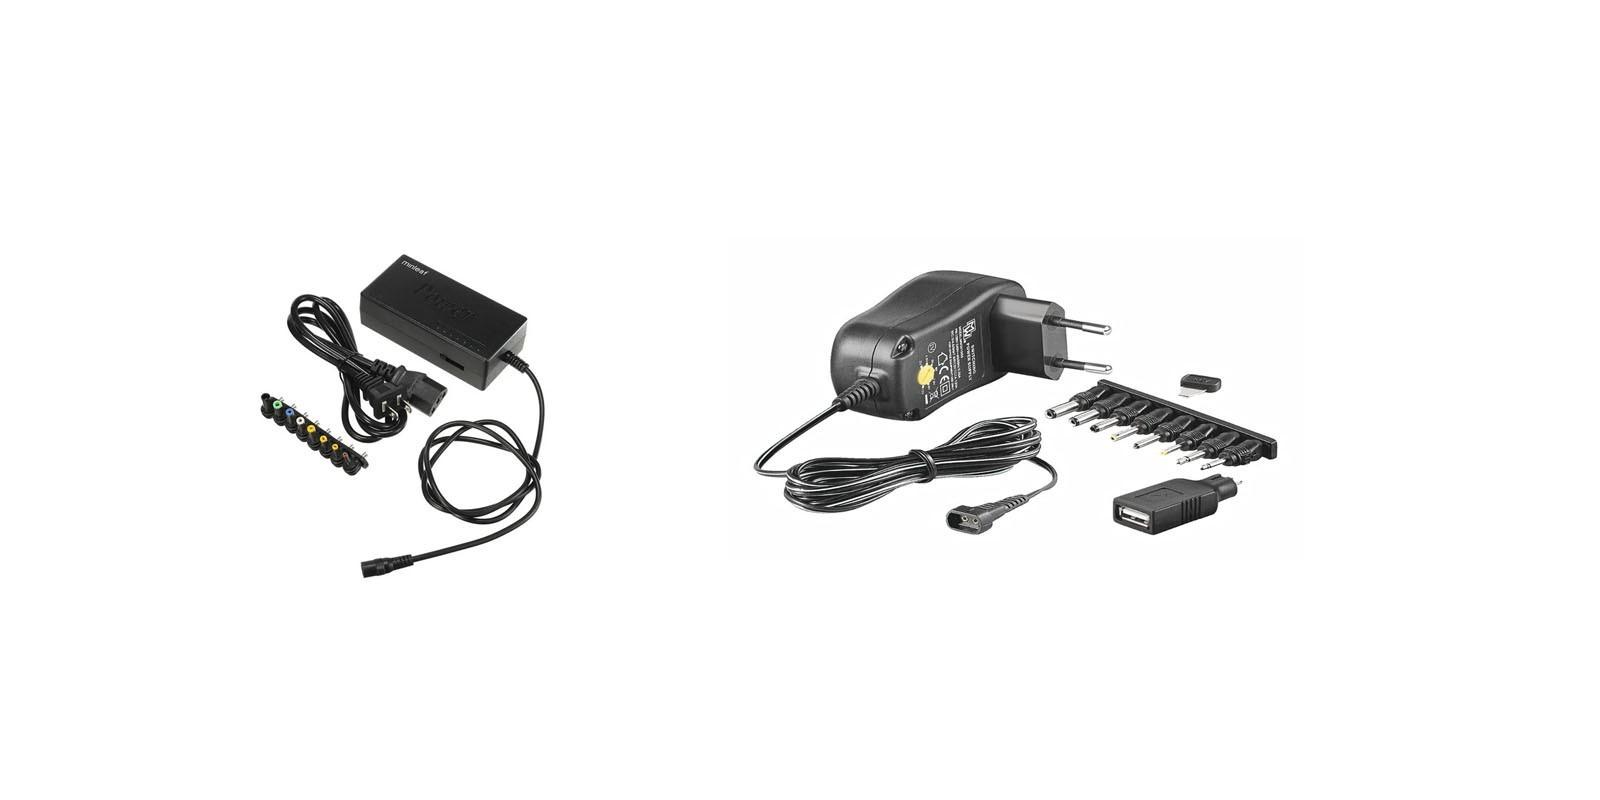 Chargeurs pour ordinateurs portables